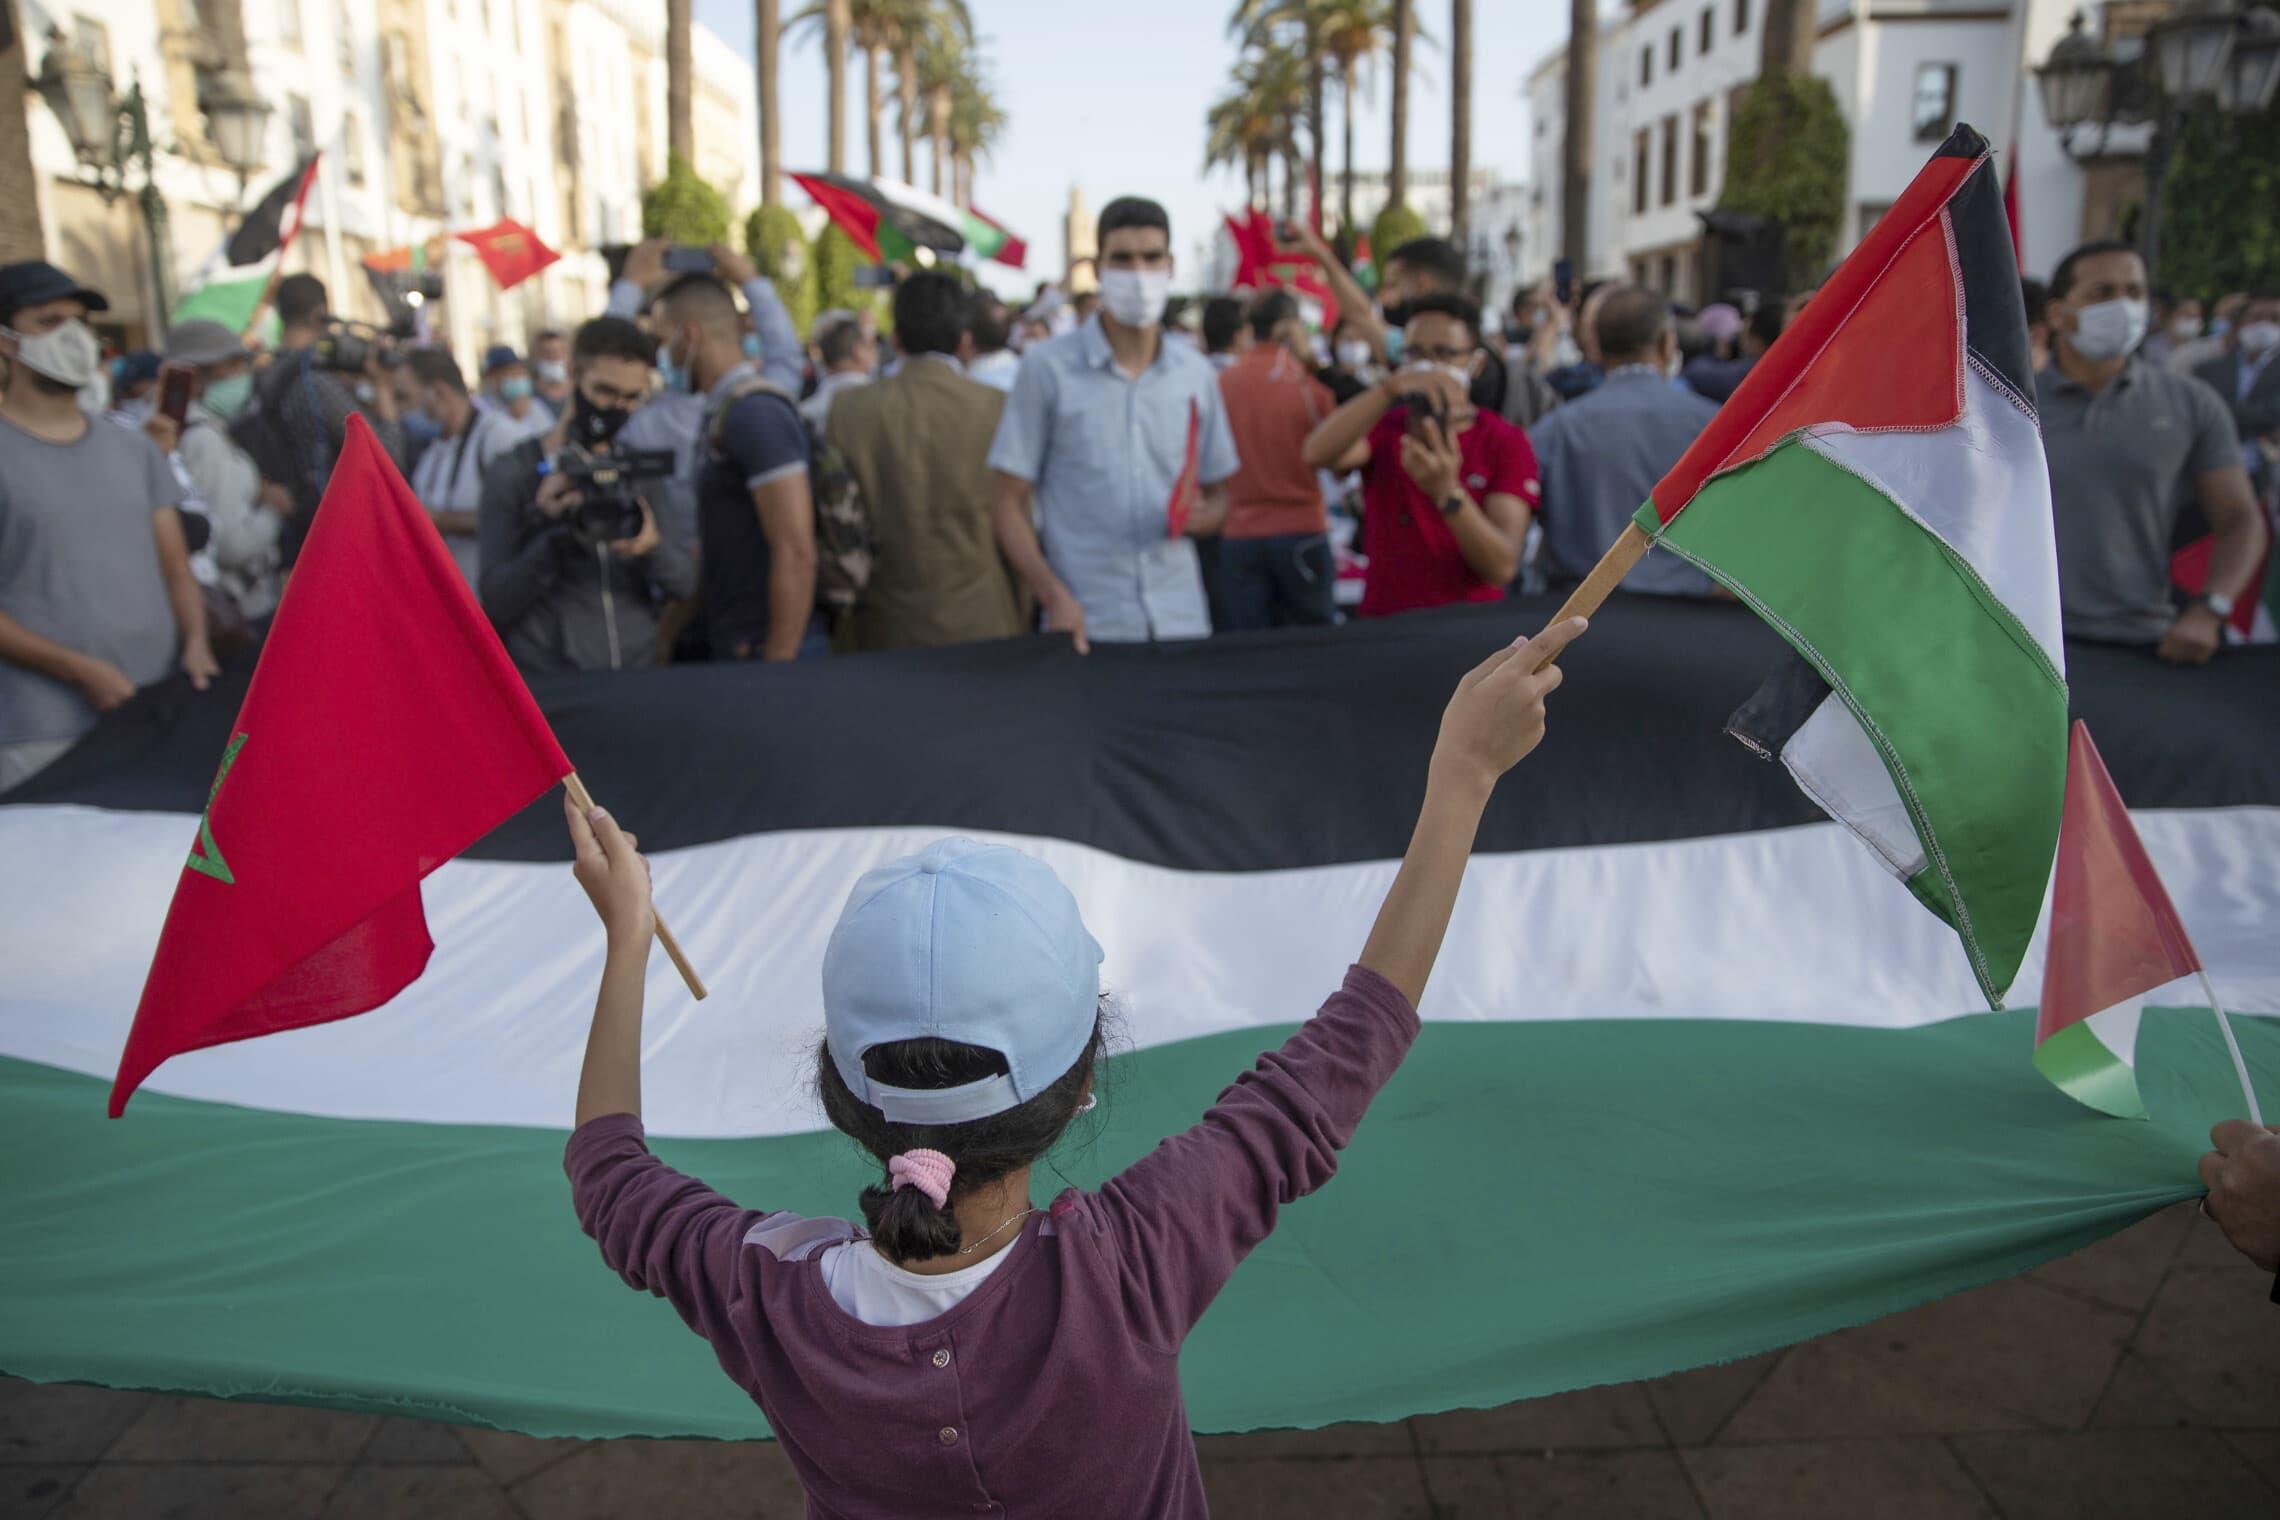 מפגינים ברבאט מנופפים בדגל מרוקאי ובדגל ופלסטיני במהלך מחאה נגד נורמליזציה של היחסים עם ישראל. מרוקו, ספטמבר 2020 (צילום: (AP Photo/Mosa'ab Elshamy)